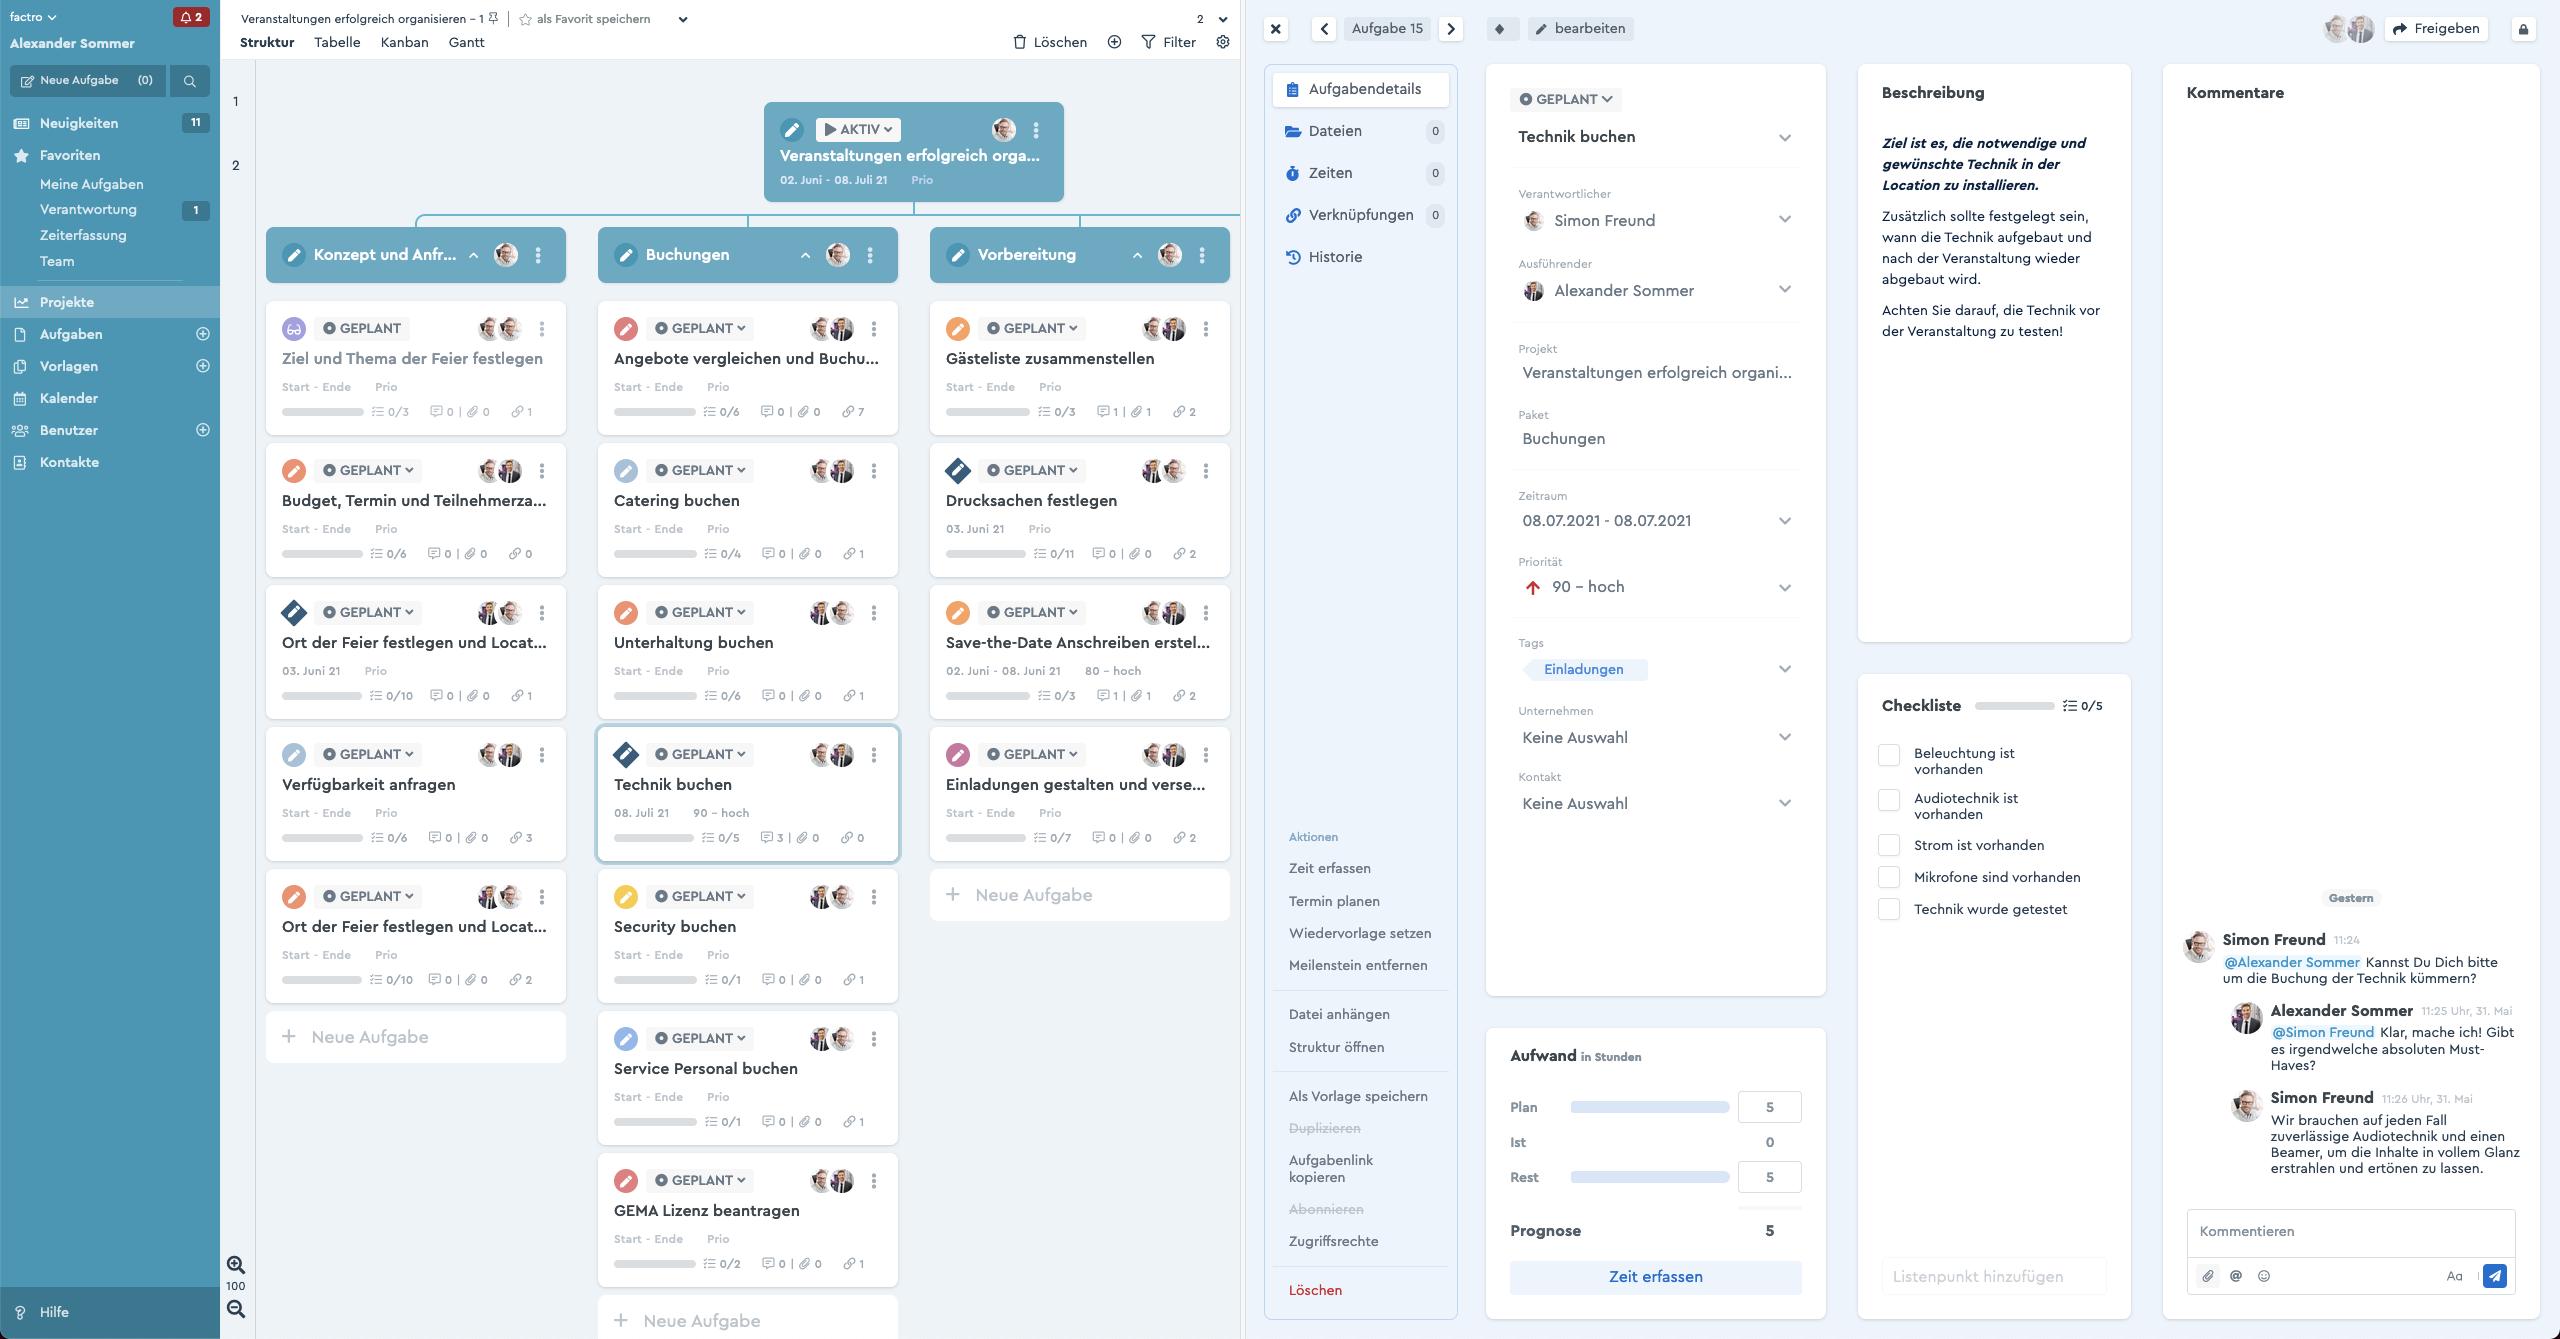 Ein Screenshot des factro Splitscreen mit Aufgabe und Projekt nebeneinander